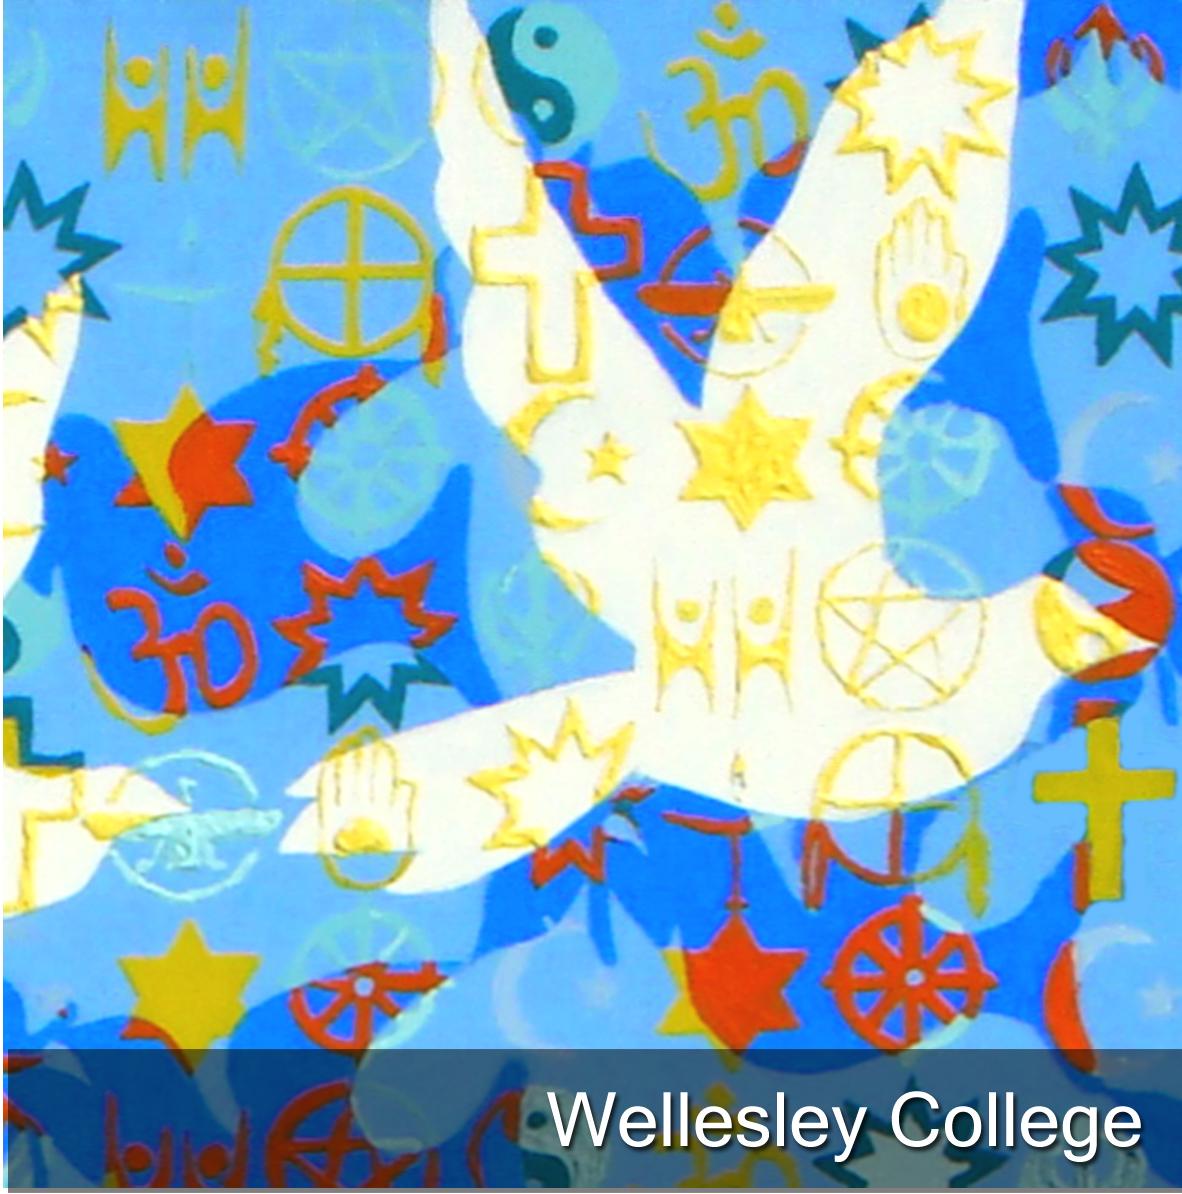 Wellesley College Tile.jpg